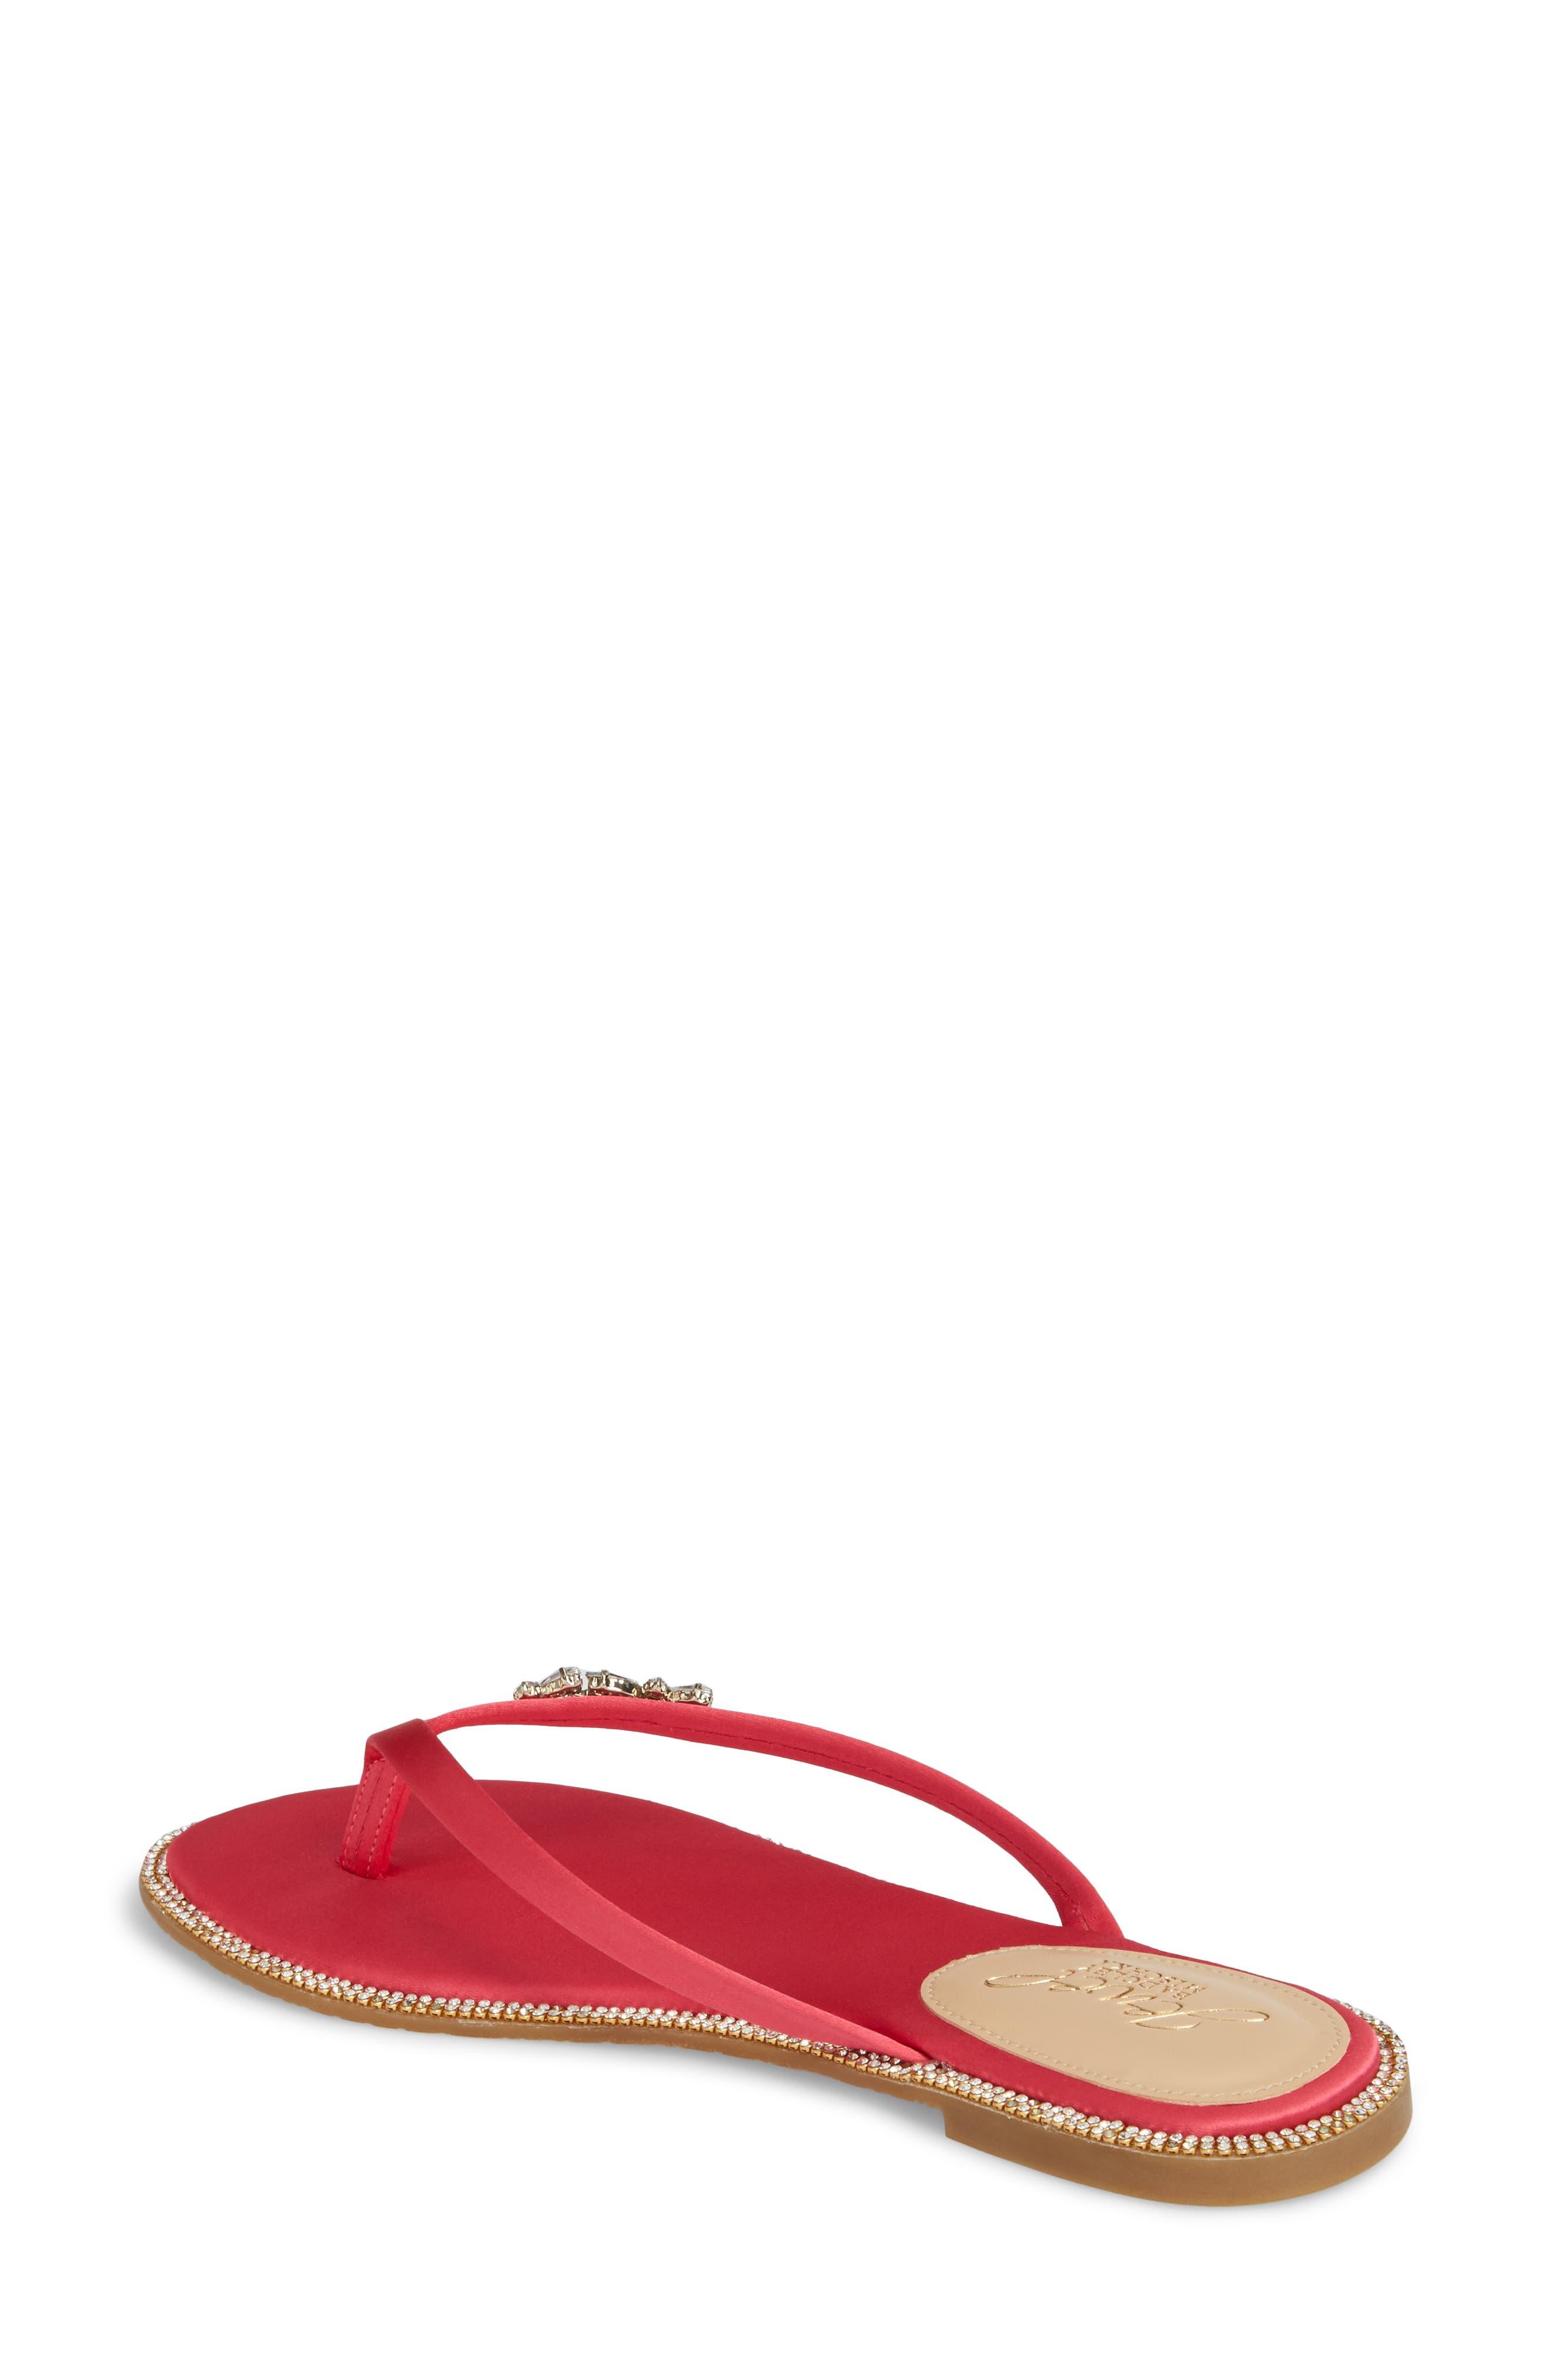 Thalia Crystal Embellished Flip Flop,                             Alternate thumbnail 2, color,                             Pink Leather